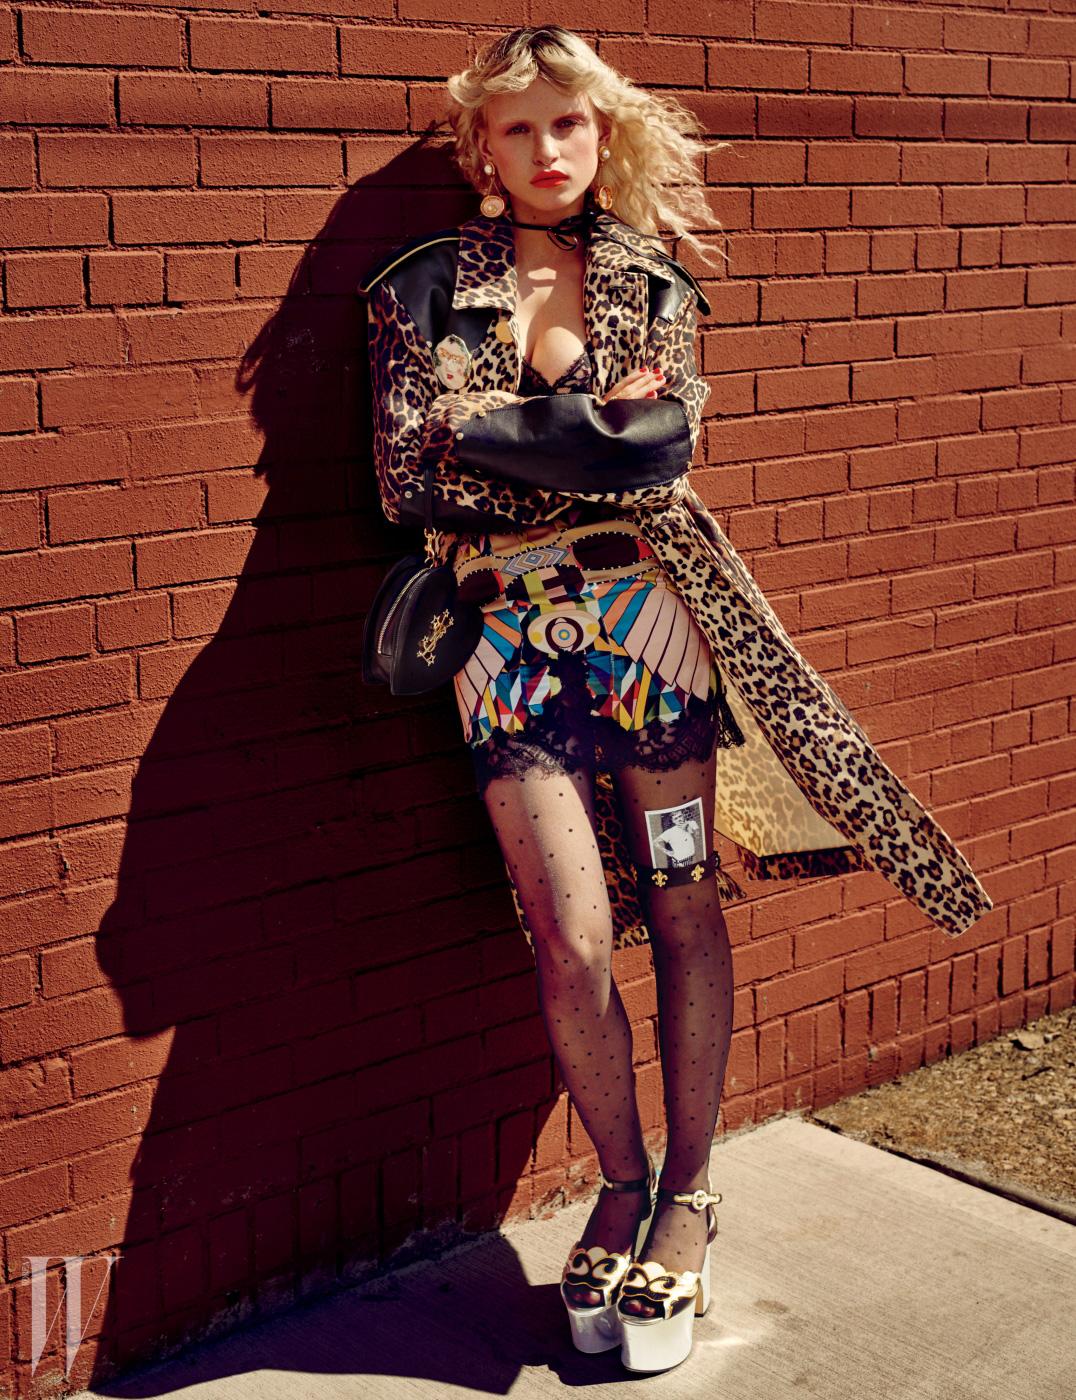 코트와 드레스는 Givenchy by Riccardo Tisci, 핀과 귀고리는 Sonia Boyajian, 리본은 Mokuba, 반지는 Fox & Bond, 가방은 Saint Laurent, 타이츠는 Wolford, 가터벨트는 Snappy Garters, 웨지힐은 Gucci 제품.